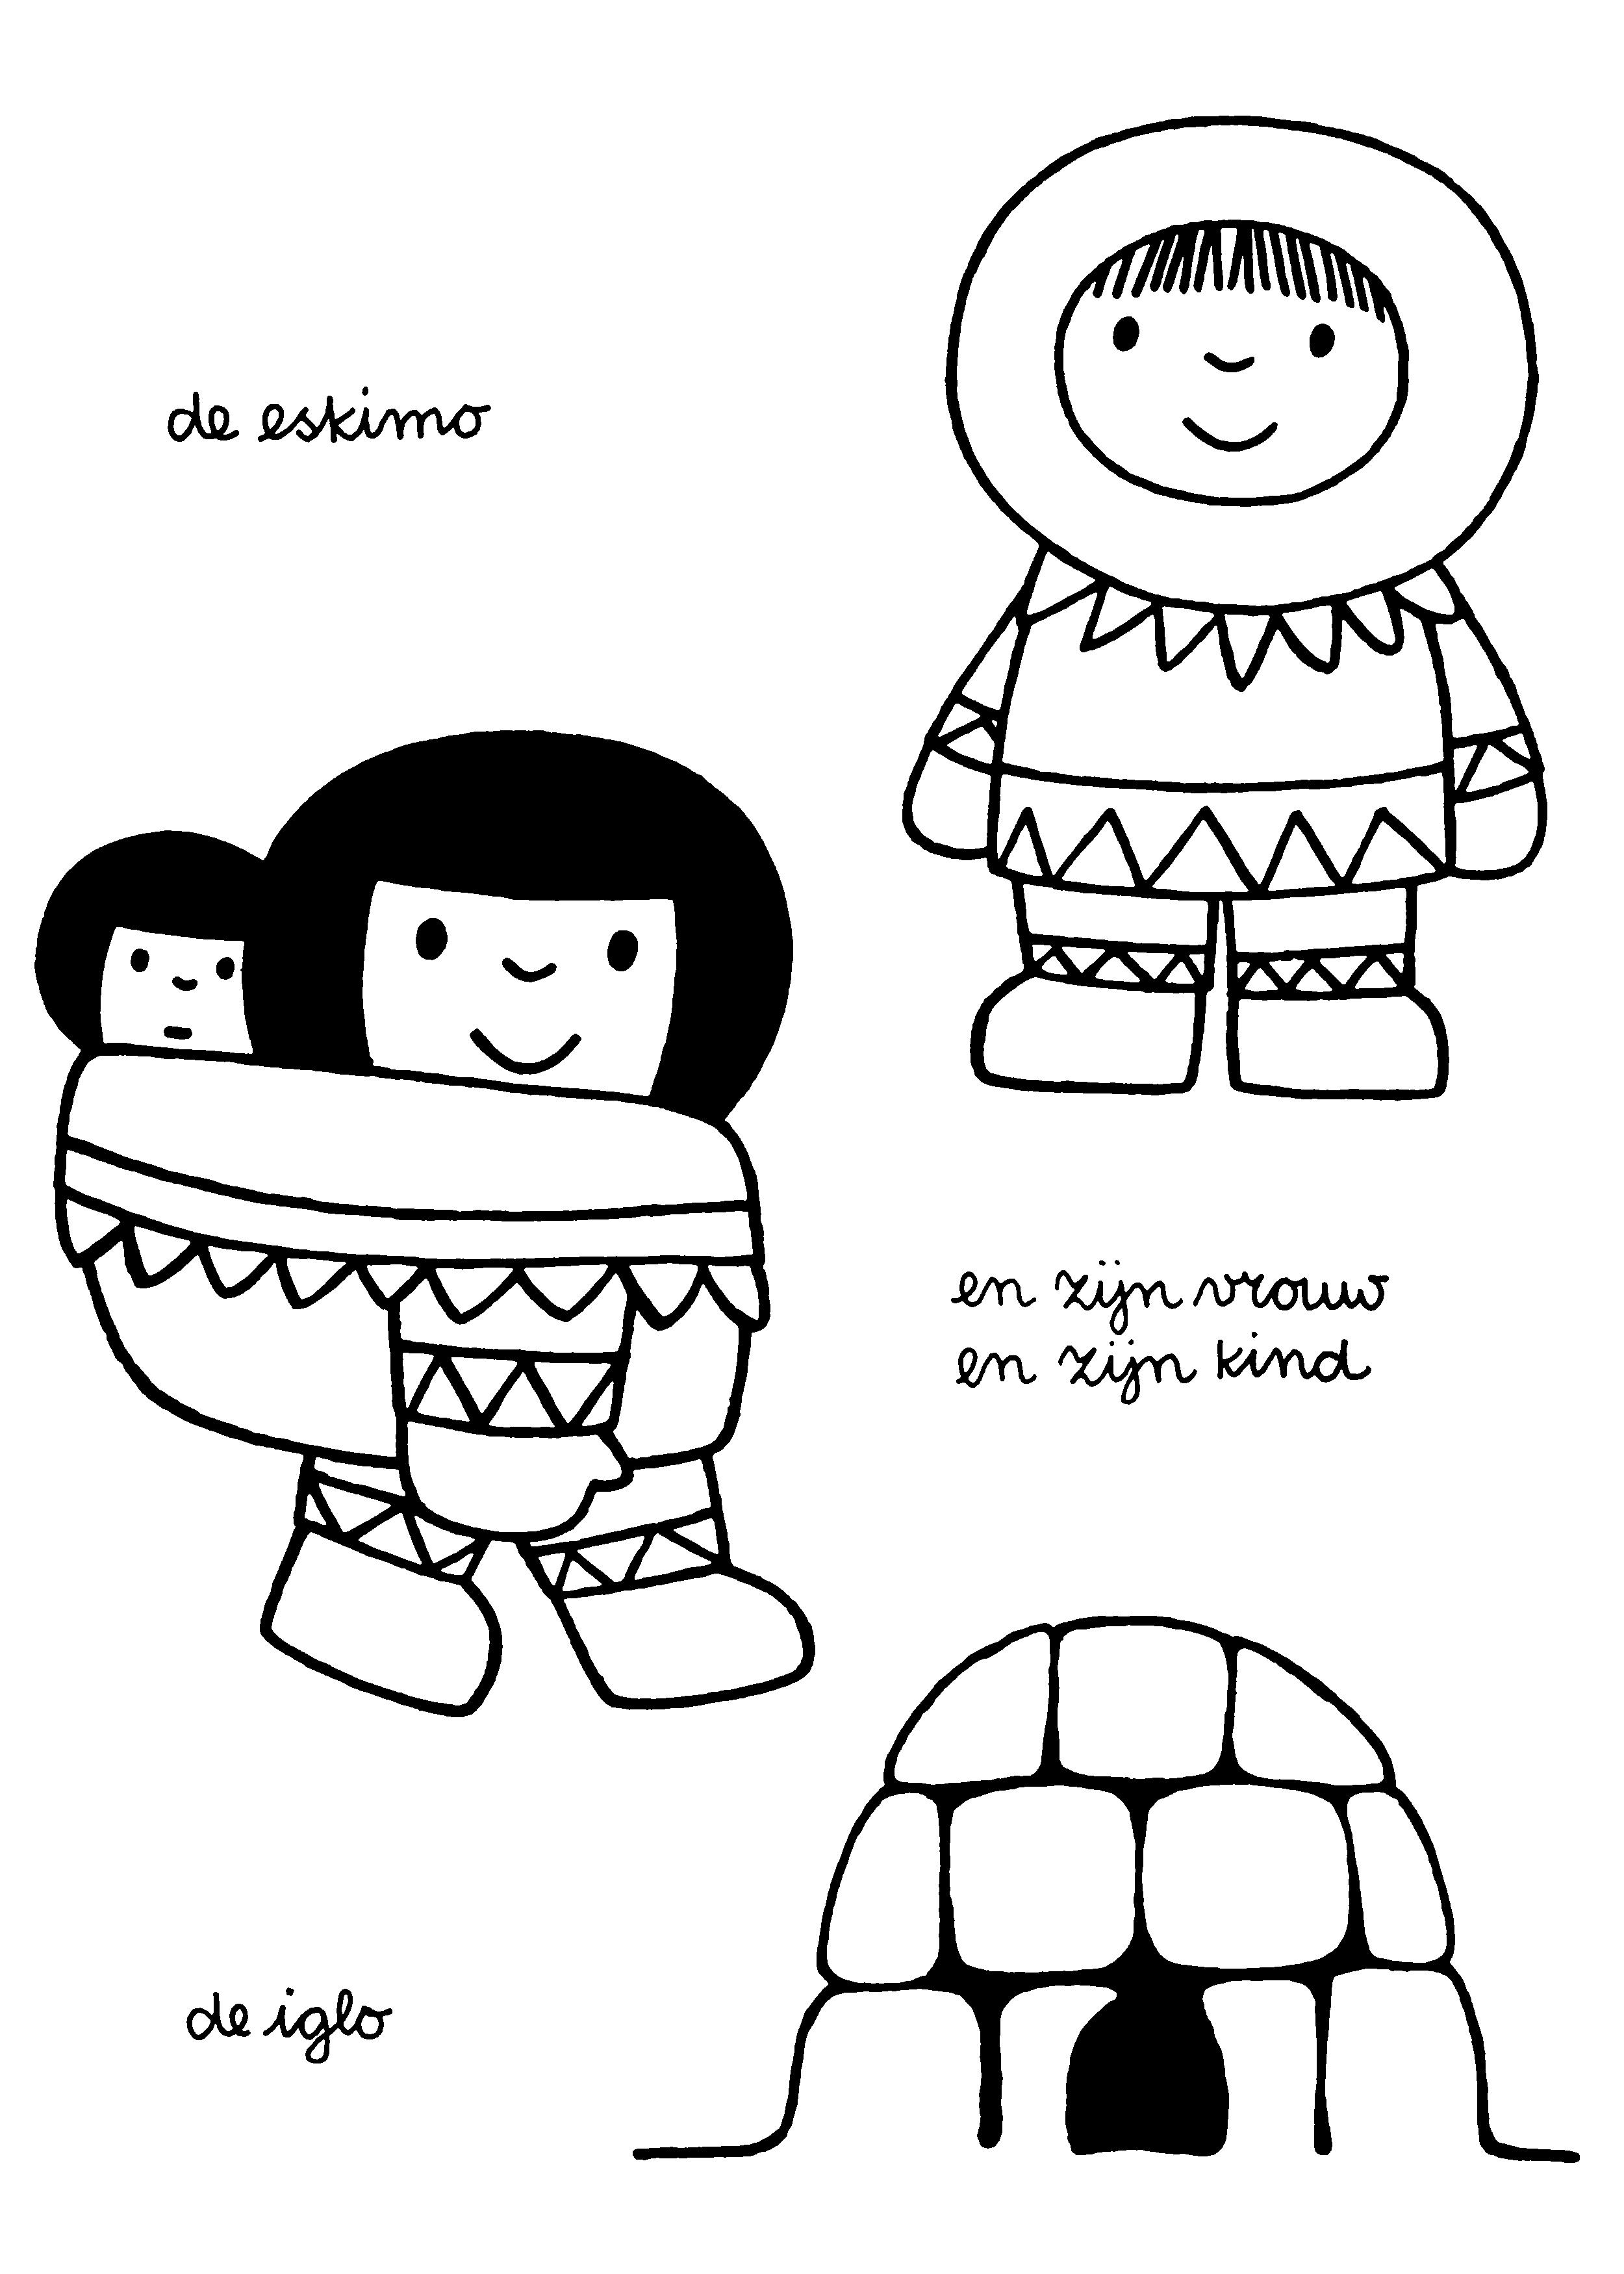 kleurplaat de eskimo en zijn vrouw en zijn de iglo